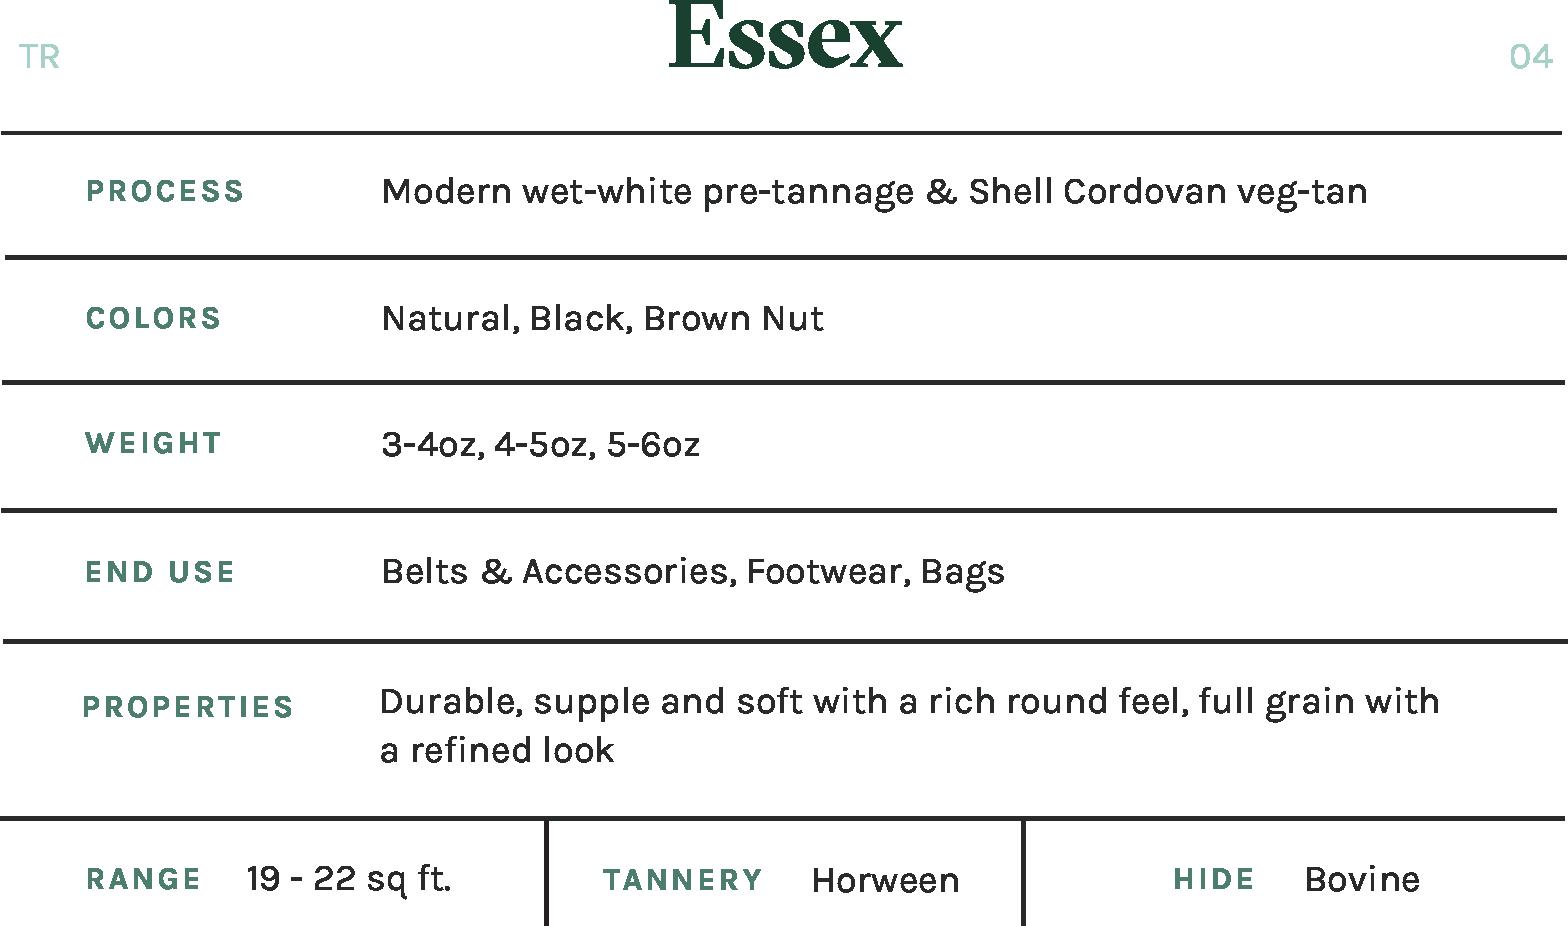 Essex-specs-chart-2x.png